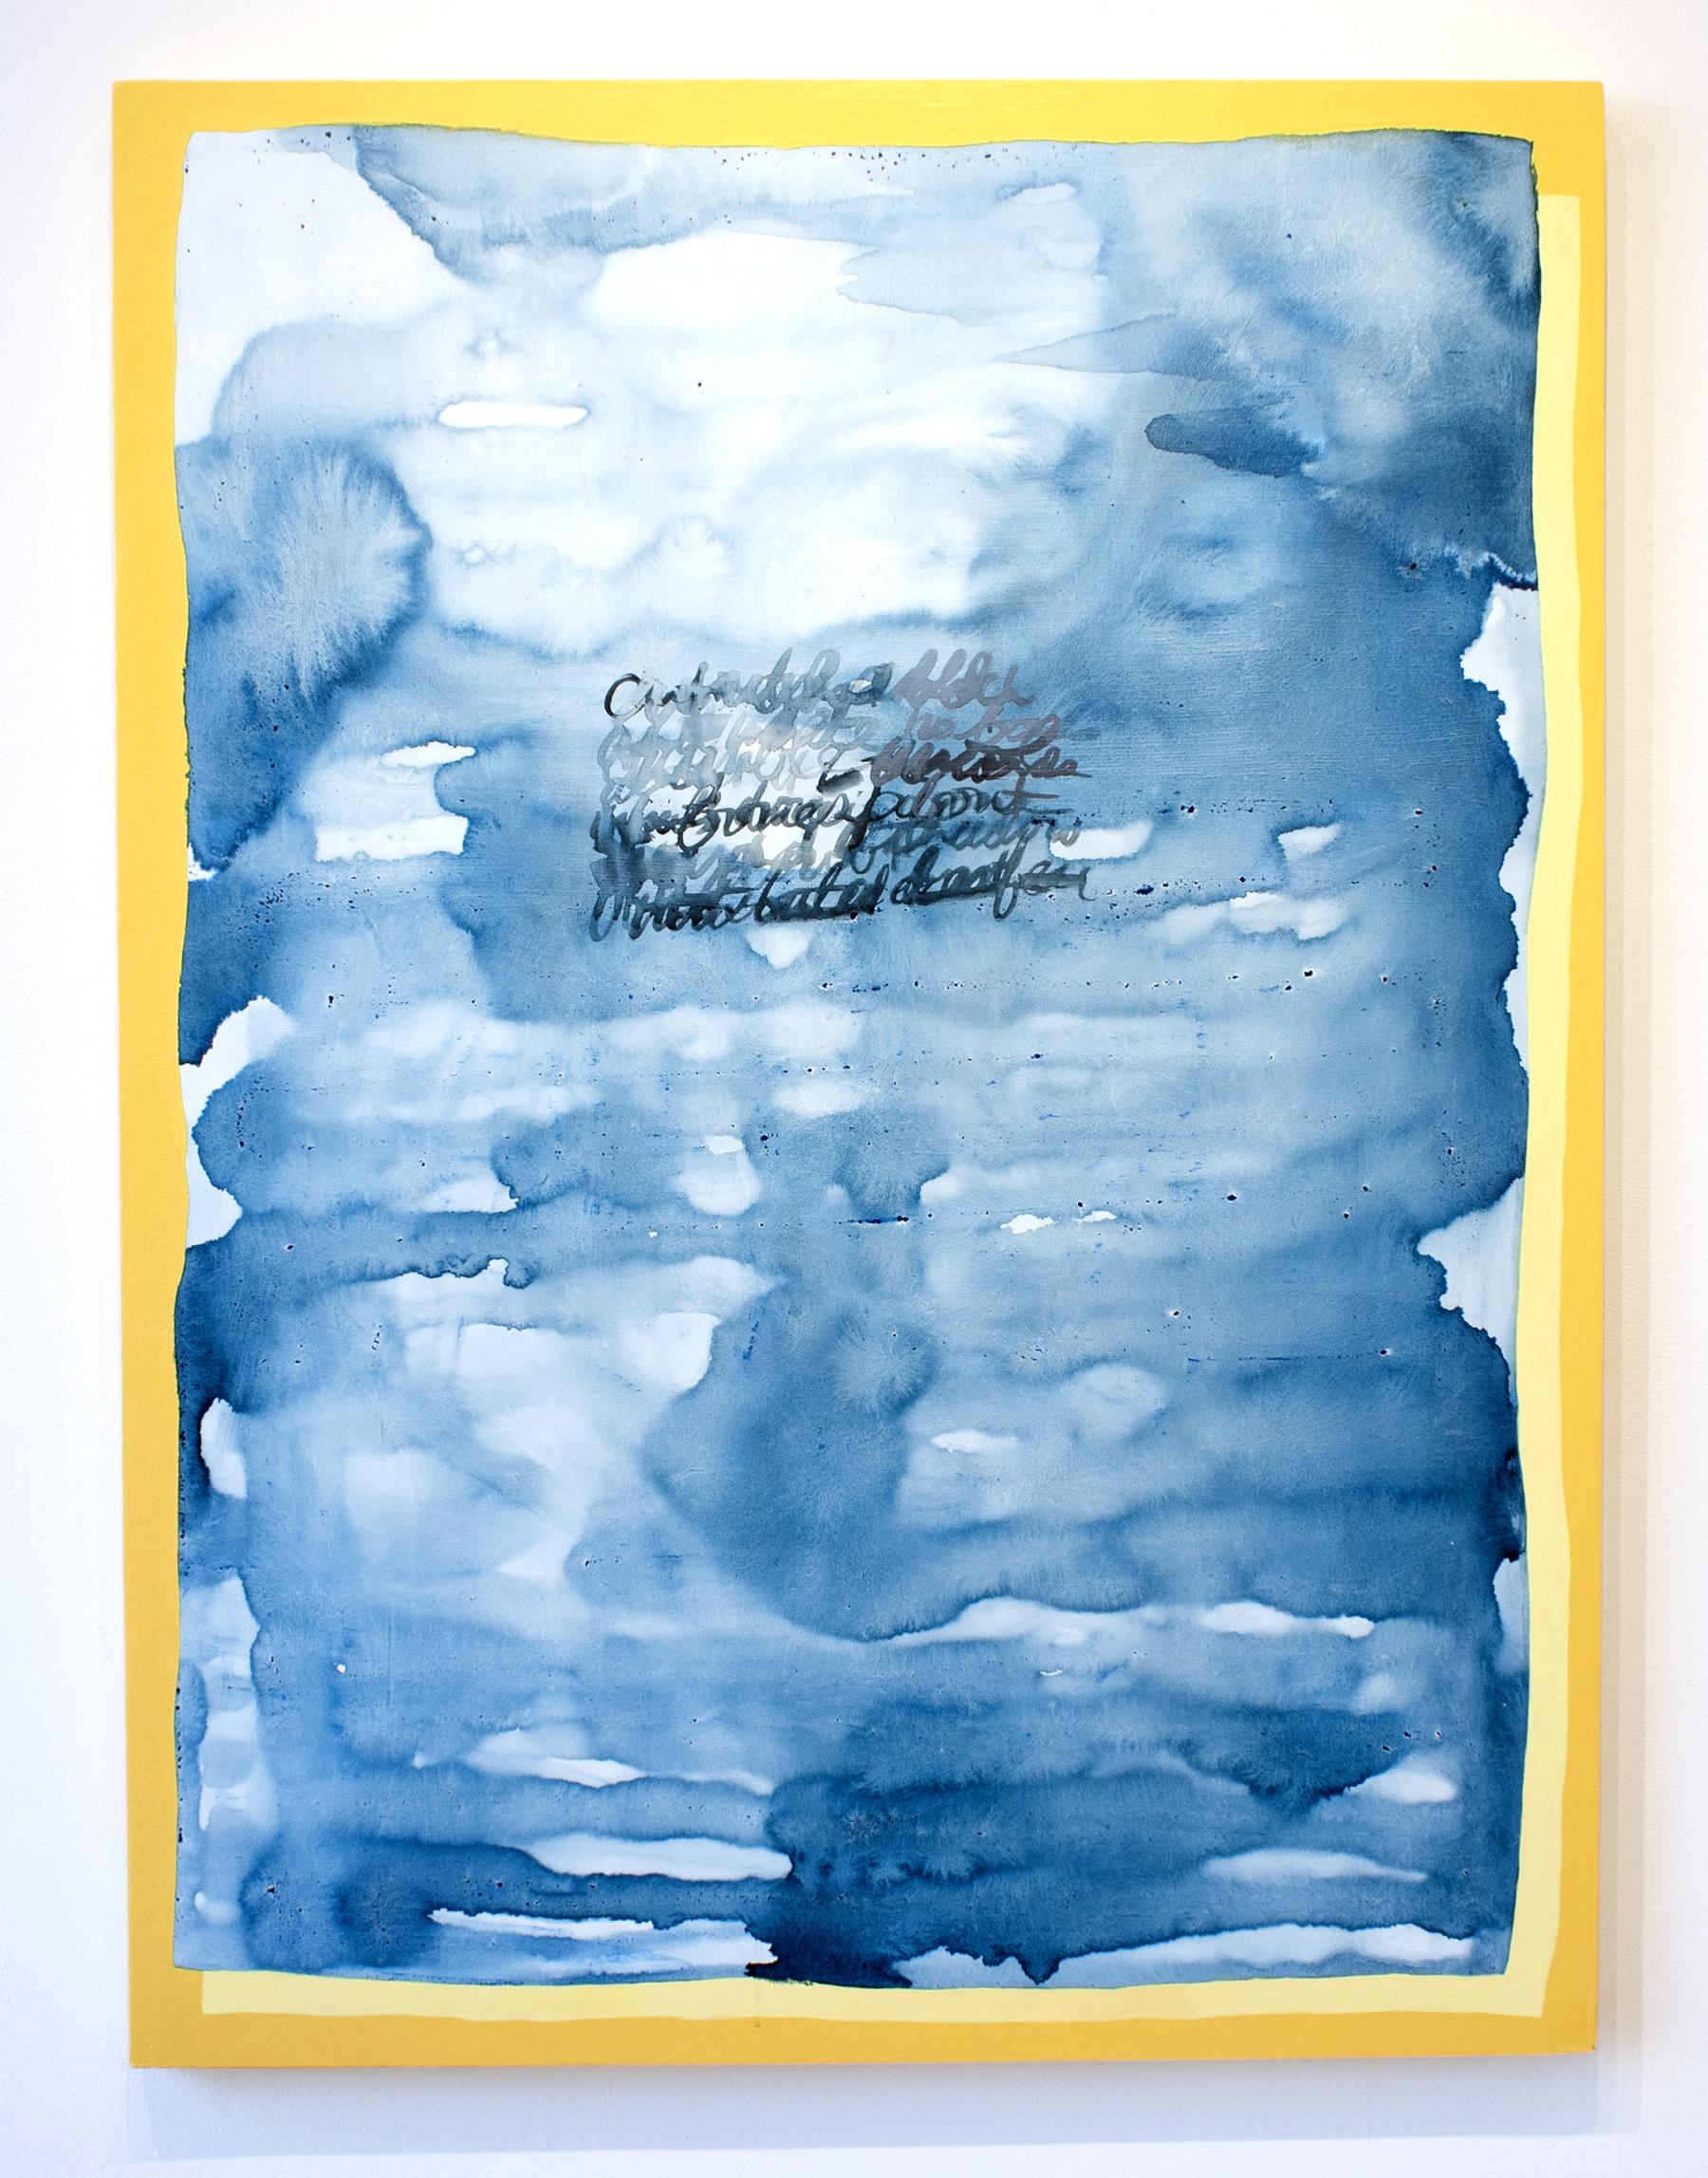 cutn'dry , 2018, ink, acrylic, gouache, and house paint on board, 3 x 4 feet